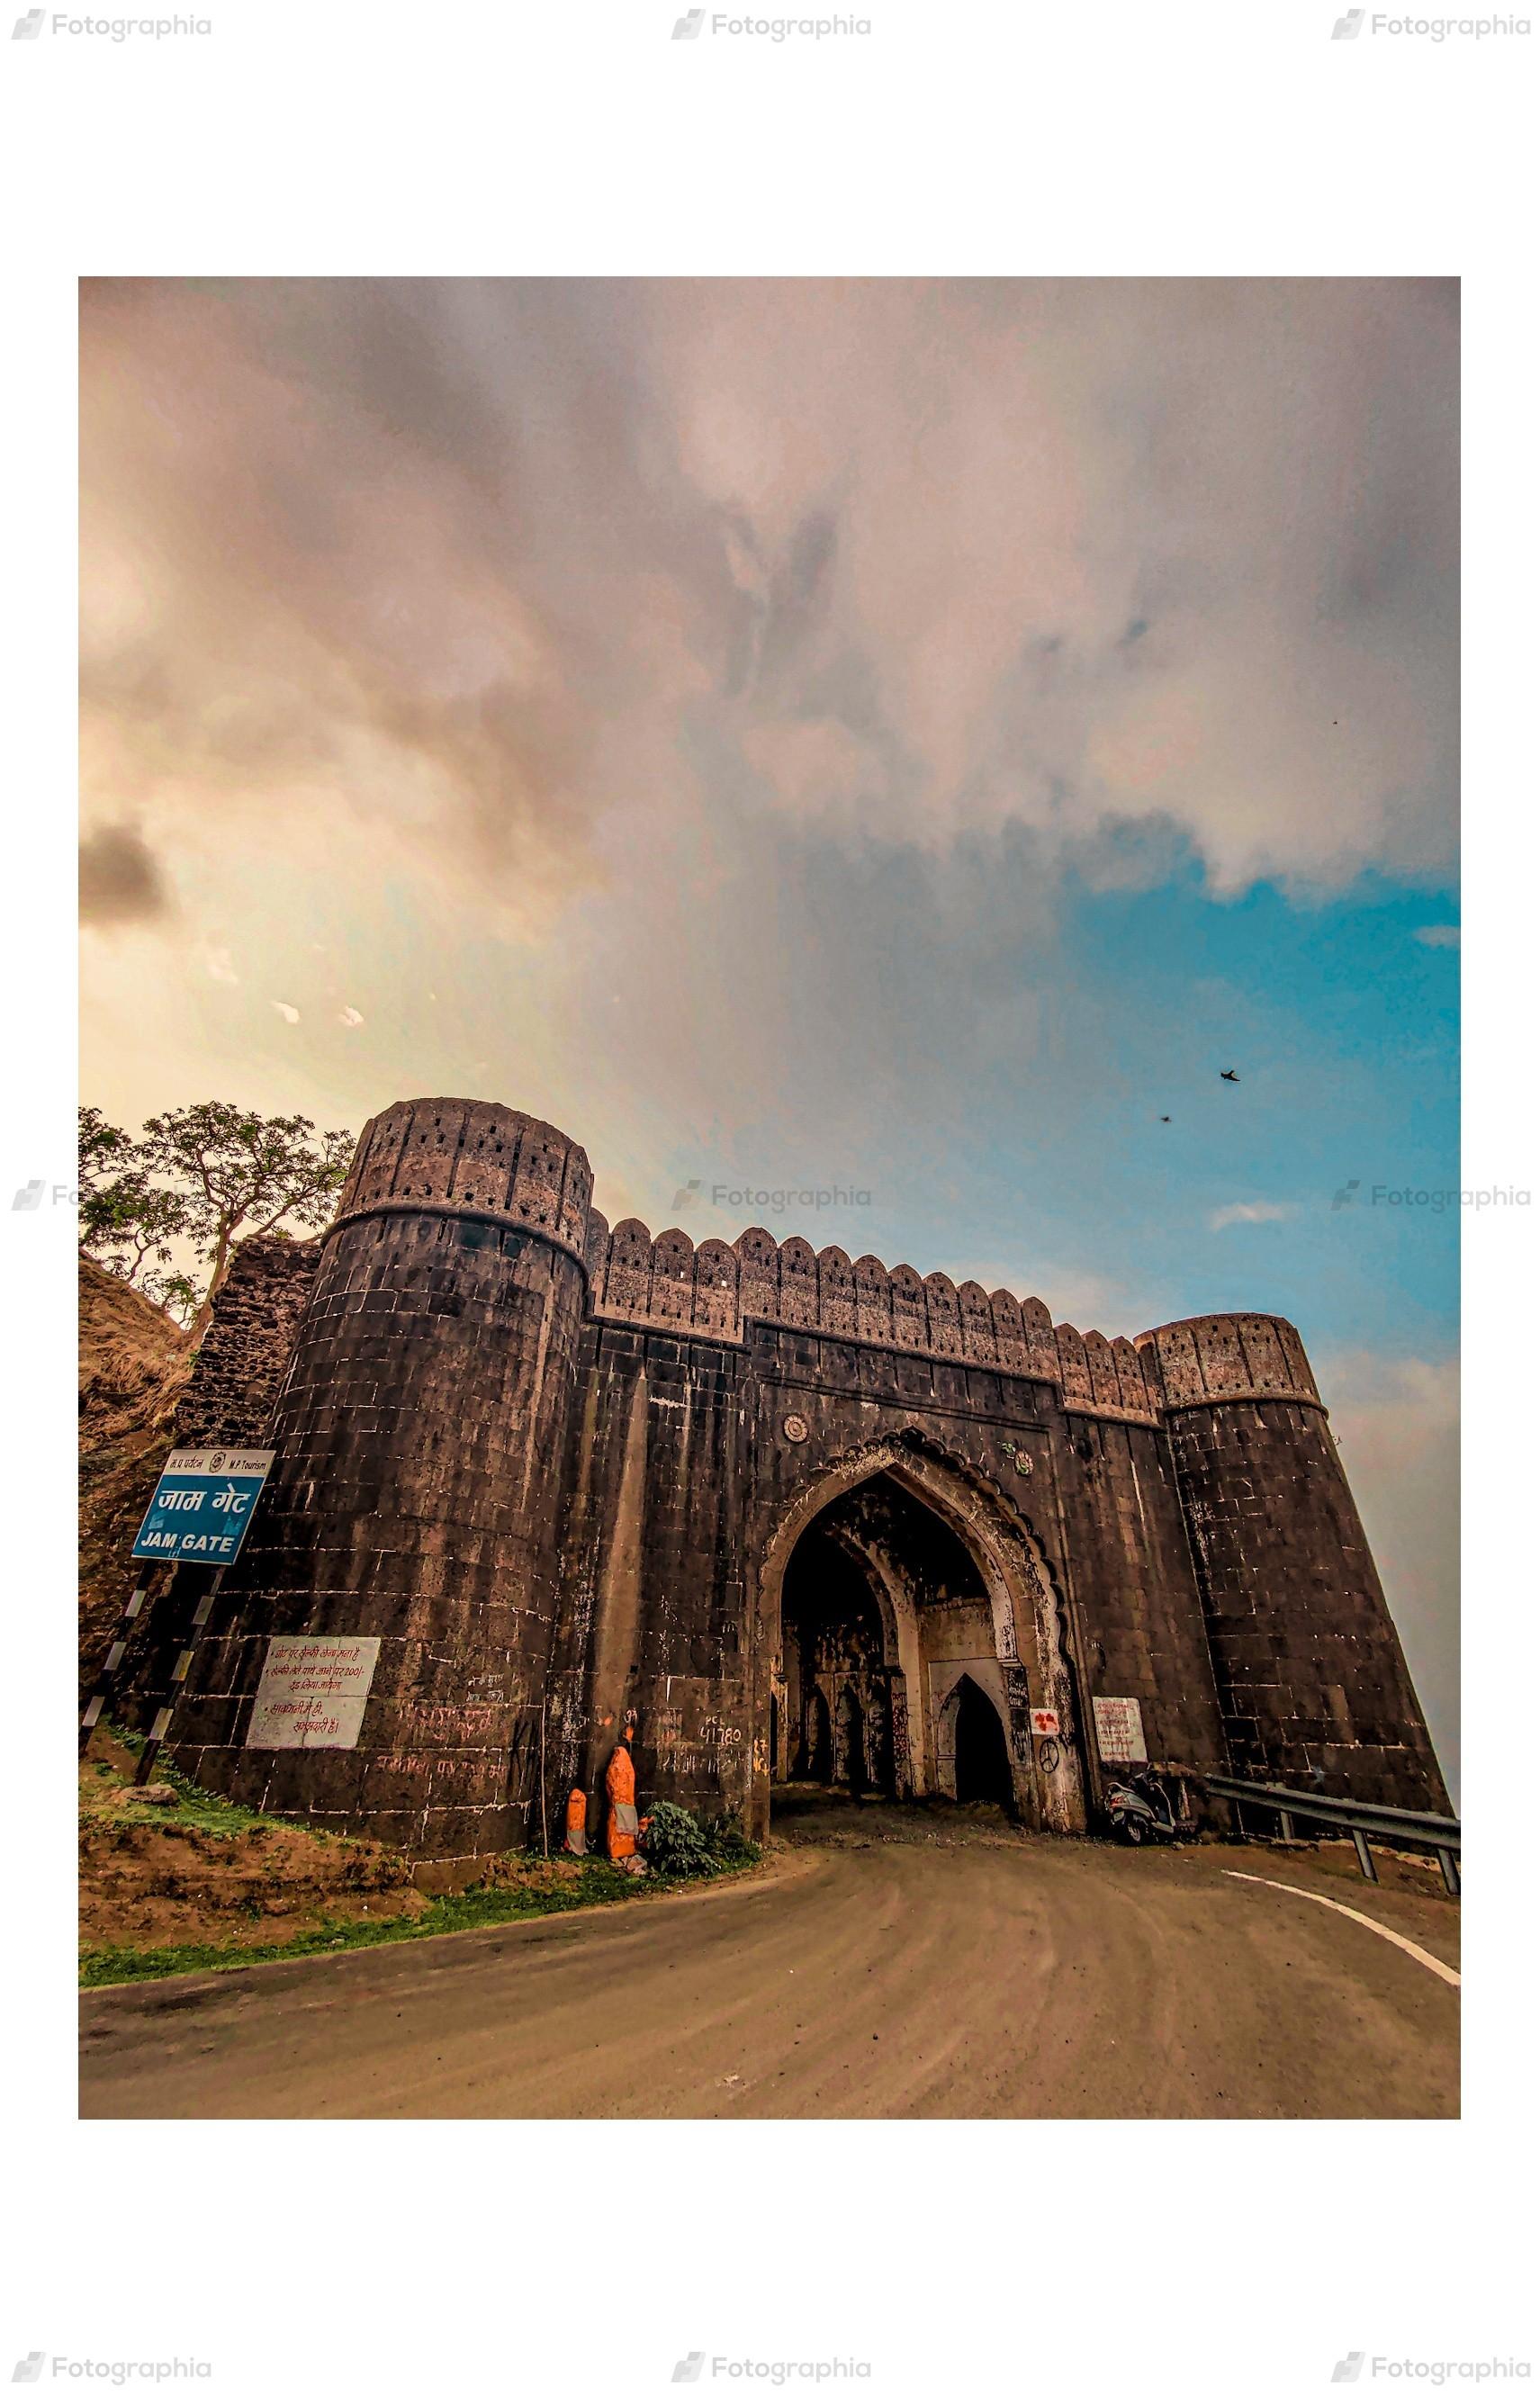 Jam Gate , Indore